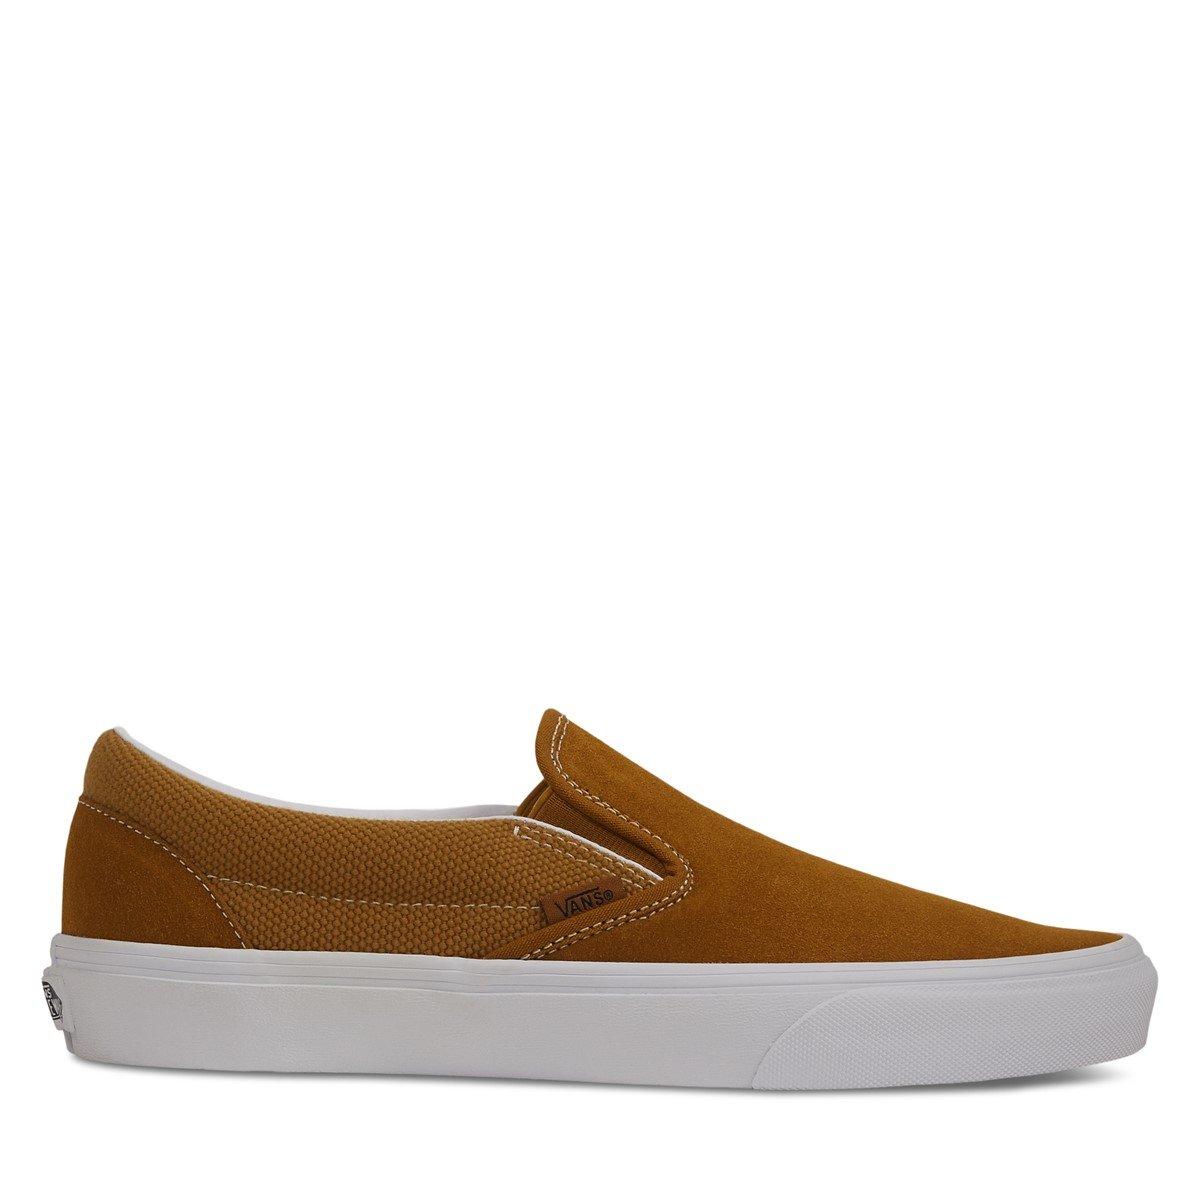 Men's Heavy Textures Slip-On Sneakers in Golden Brown